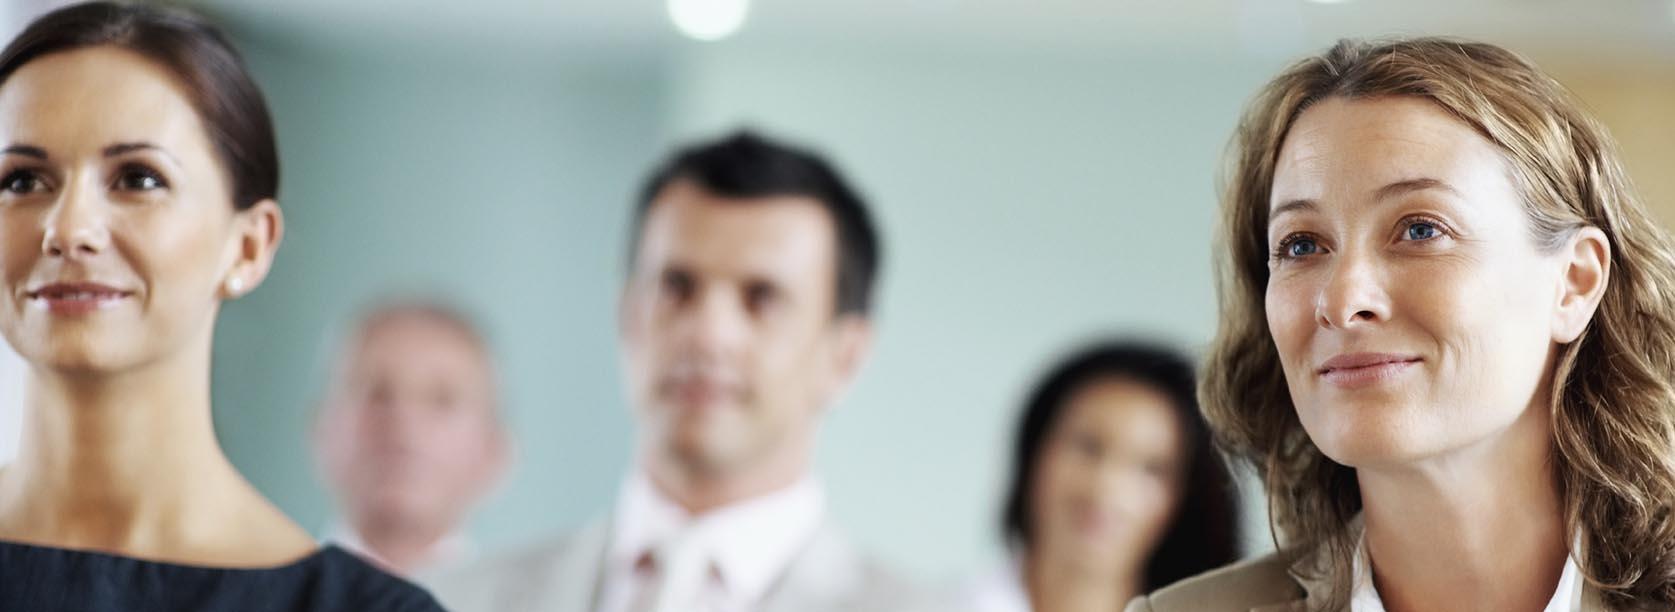 Formation loi Alur obligatoire des agents immobiliers. La formations des agents immobilier loi Alur